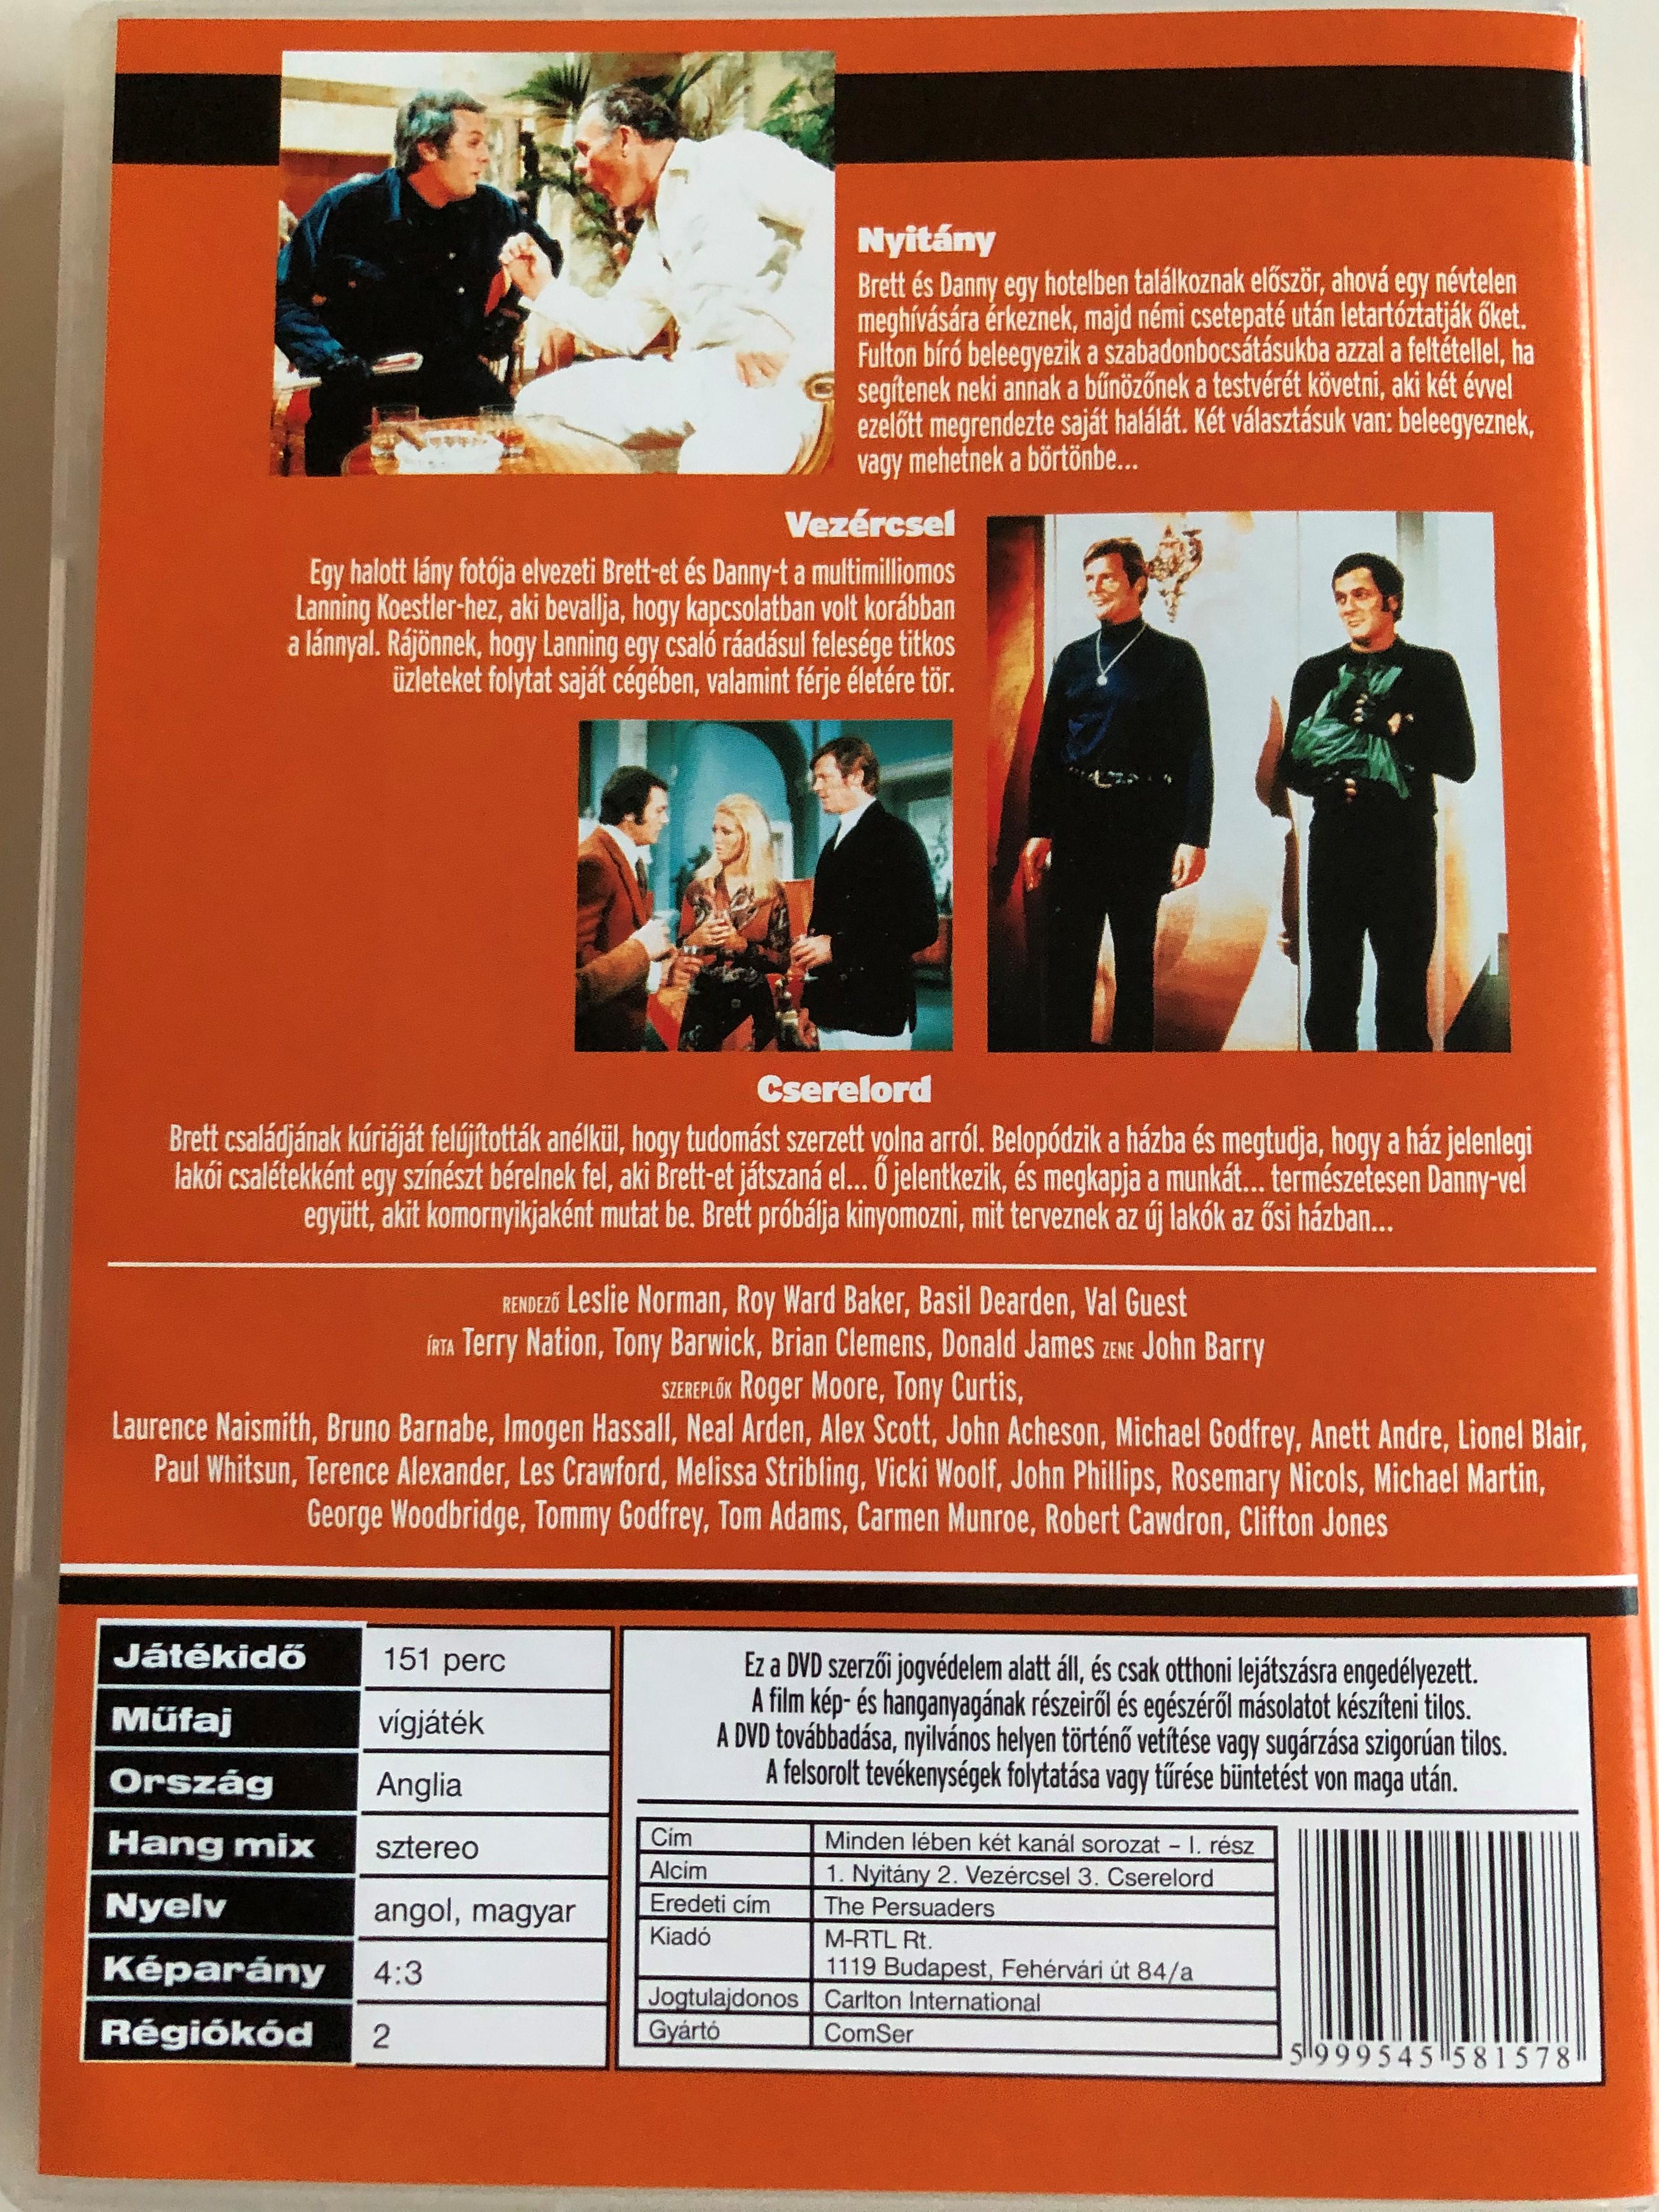 the-persuaders-series-vol-1.-dvd-1971-minden-l-ben-k-t-kan-l-sorozat-1.-r-sz-2.jpg